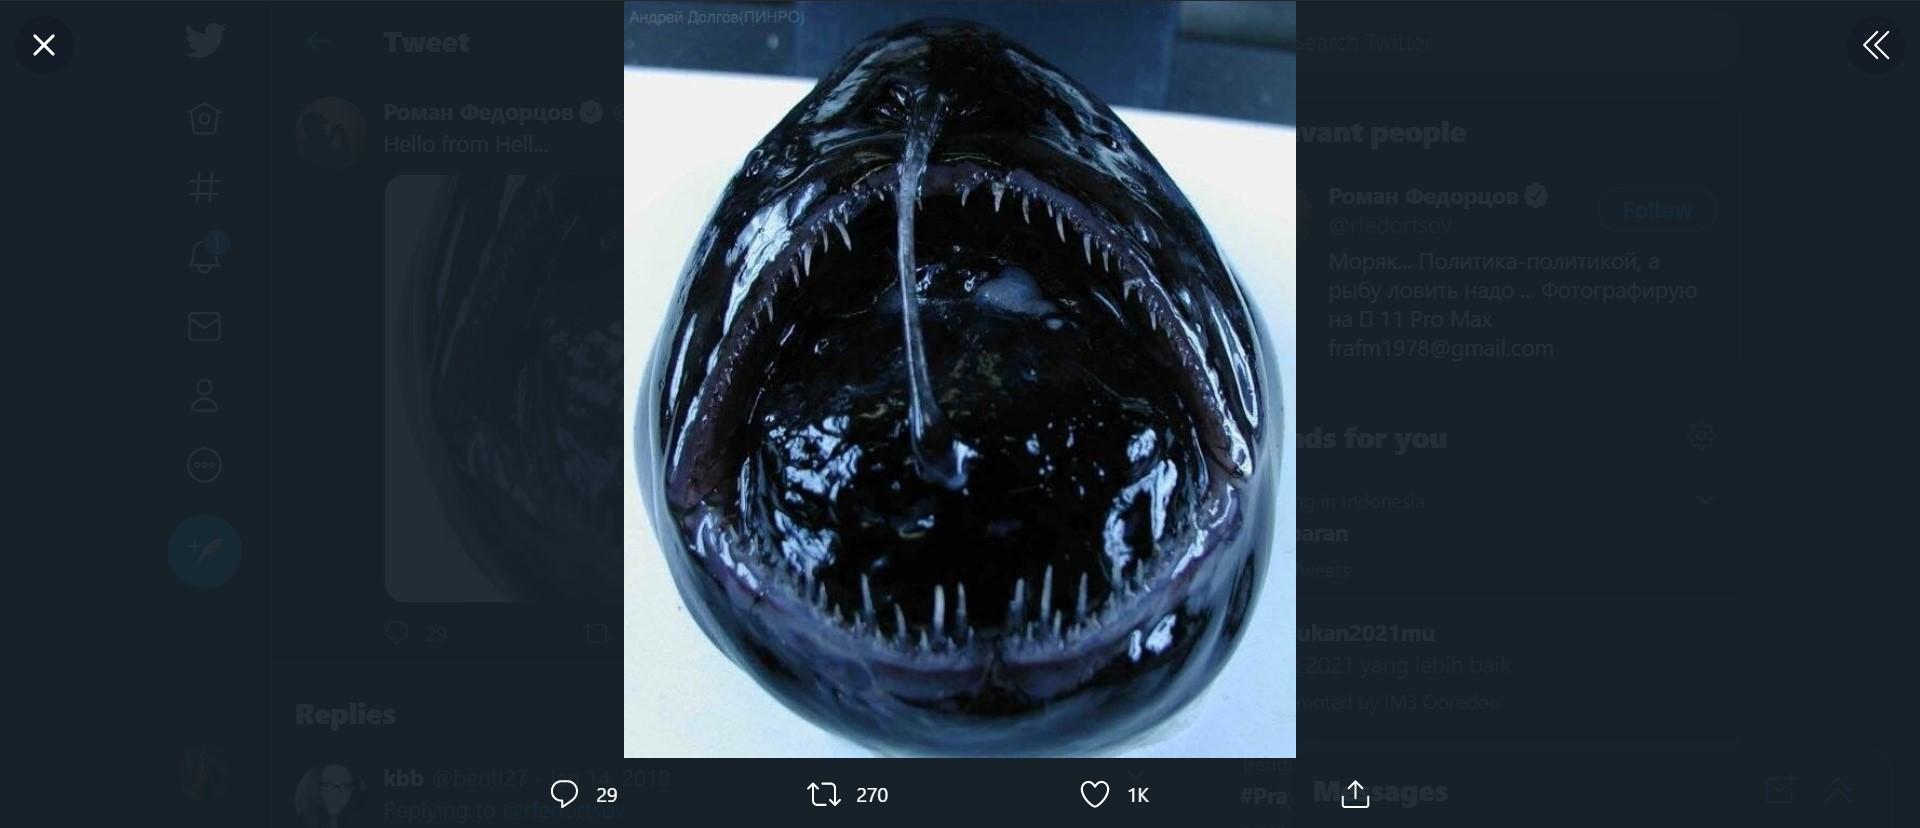 Ikan Aneh Mirip Alien Ditemukan Nelayan Pada Jaringnya, Ngeri! Seperti Apa Bentuknya?